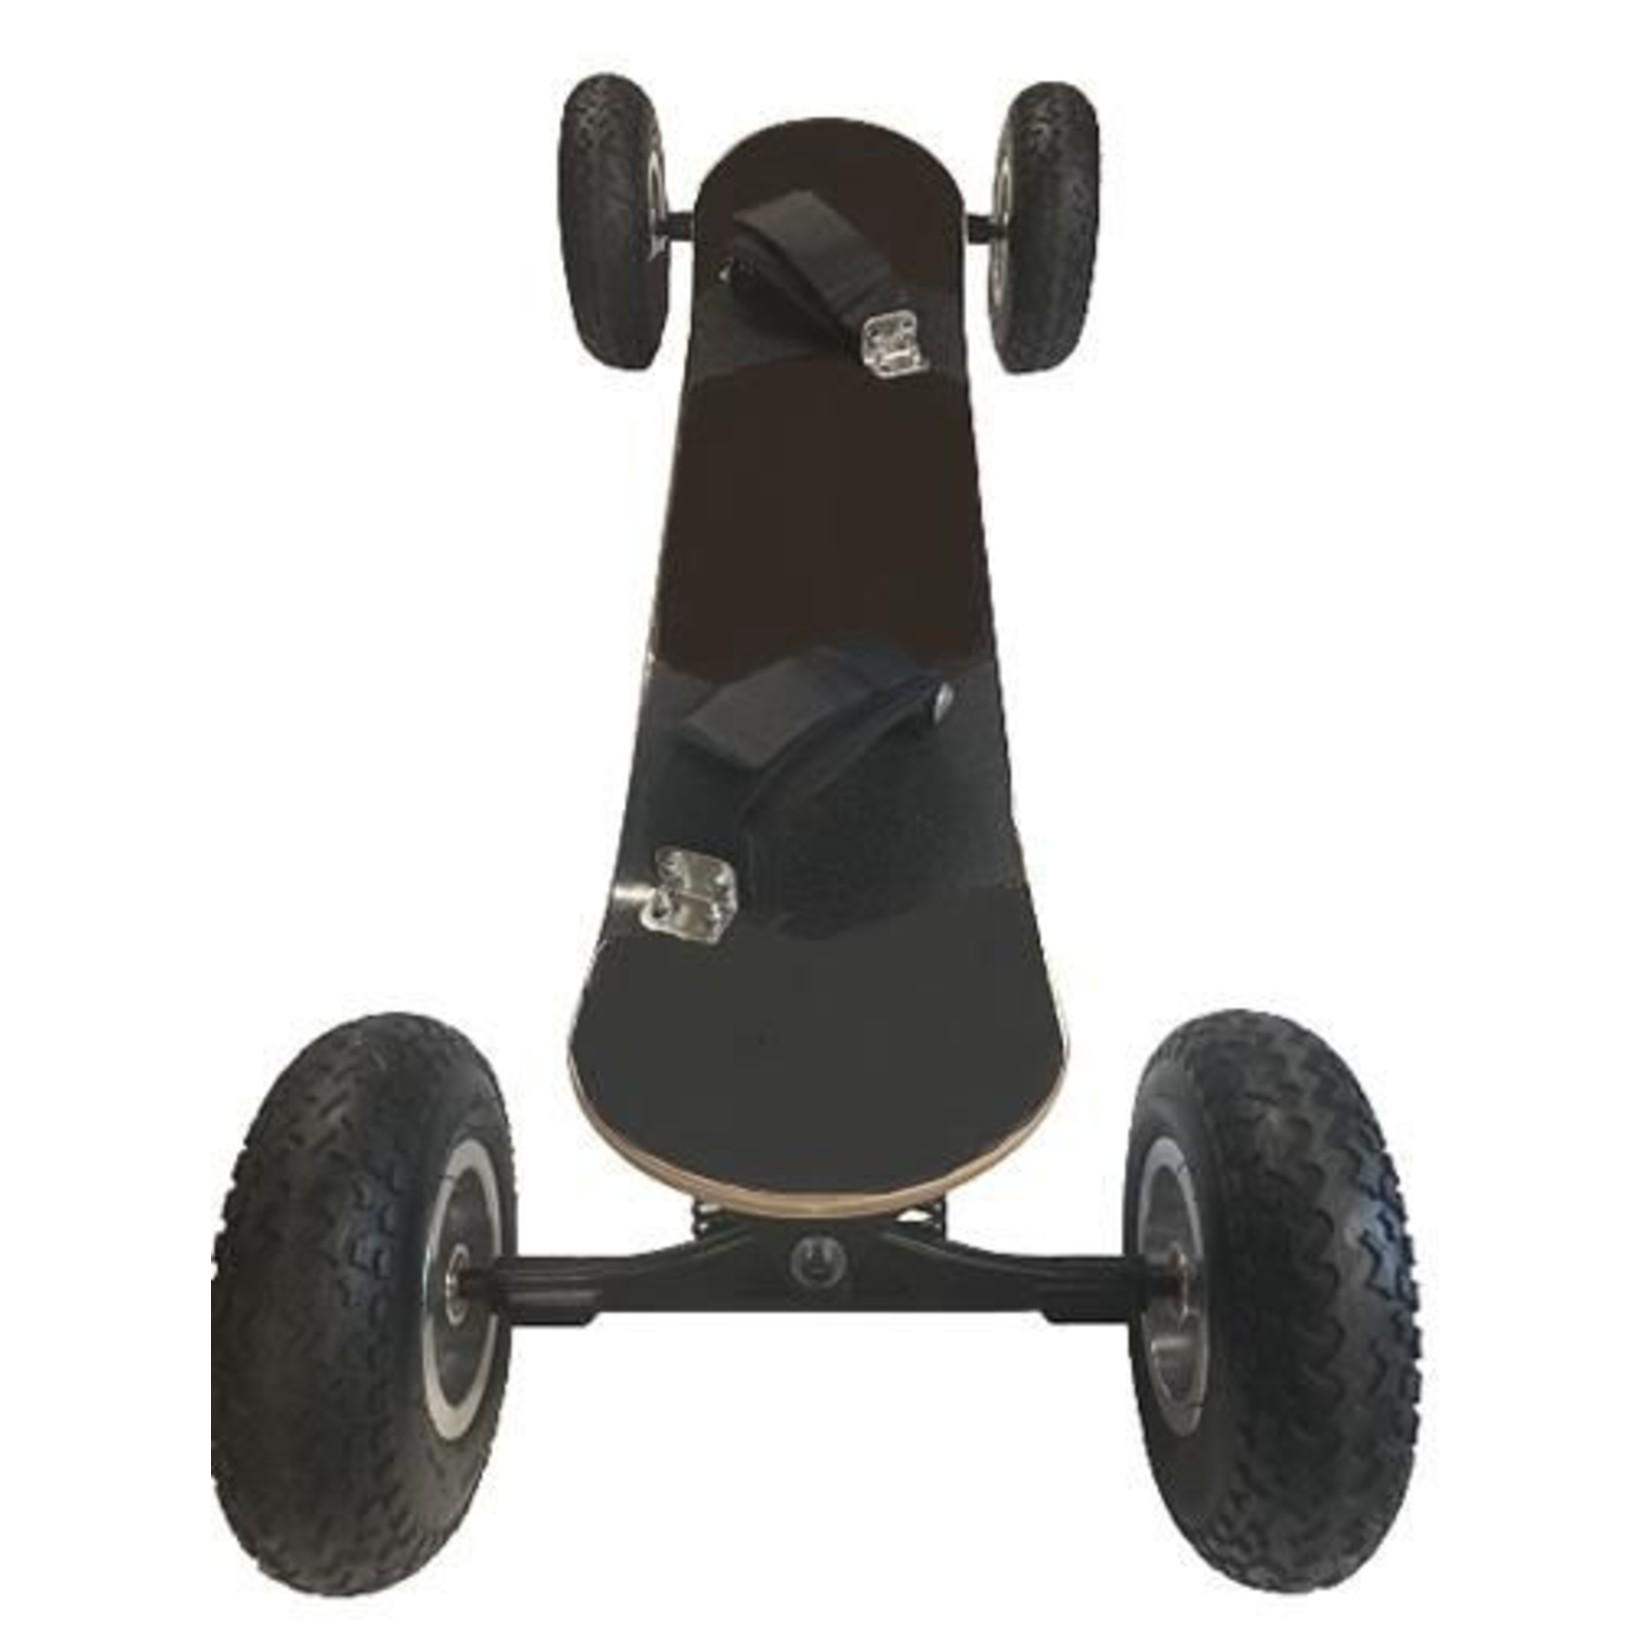 Wing skate board